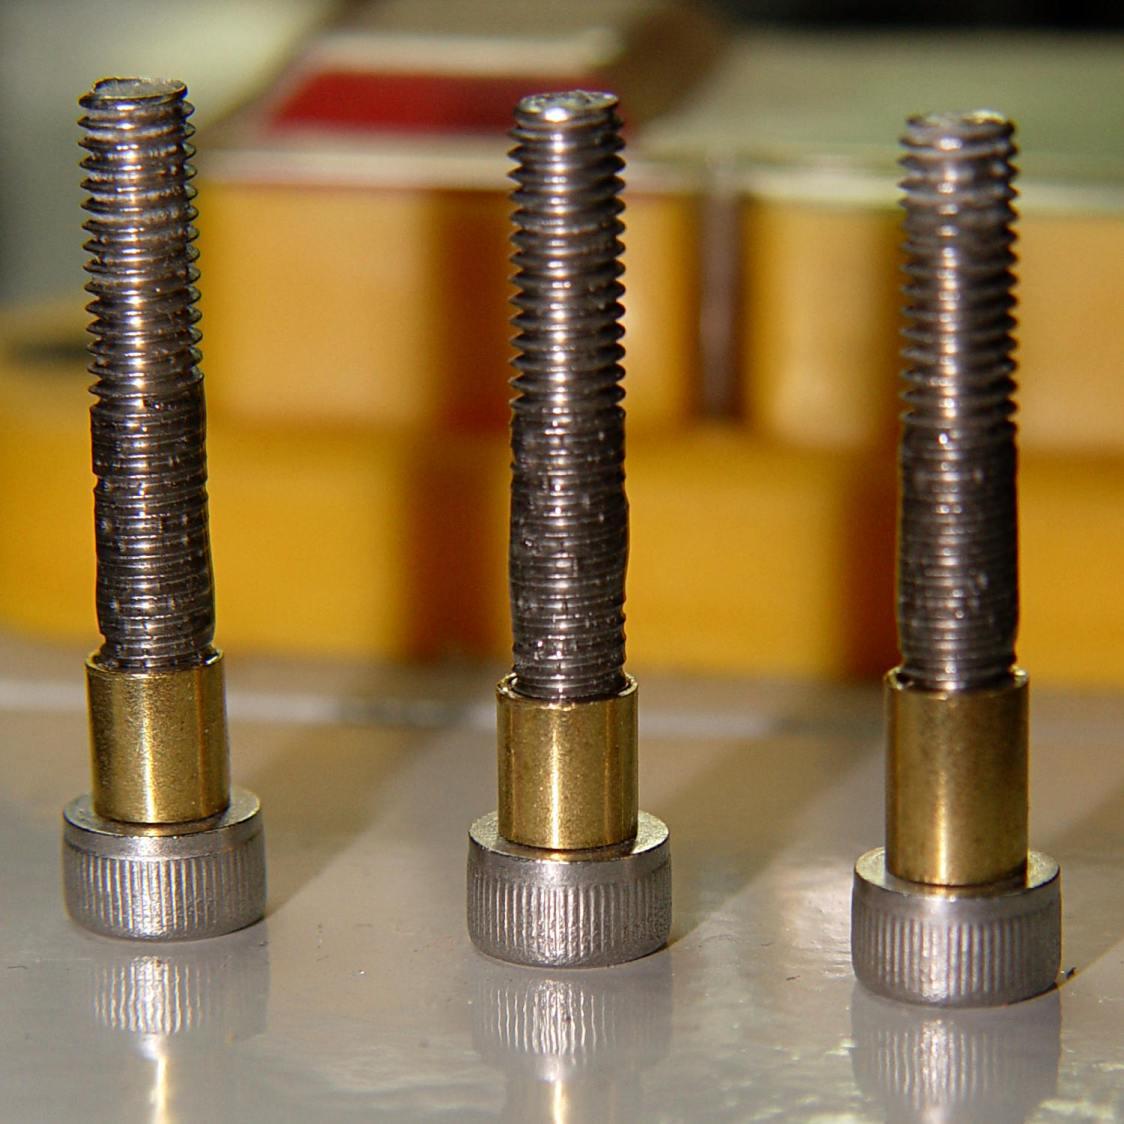 Ersatz stripper bolts - epoxy fill